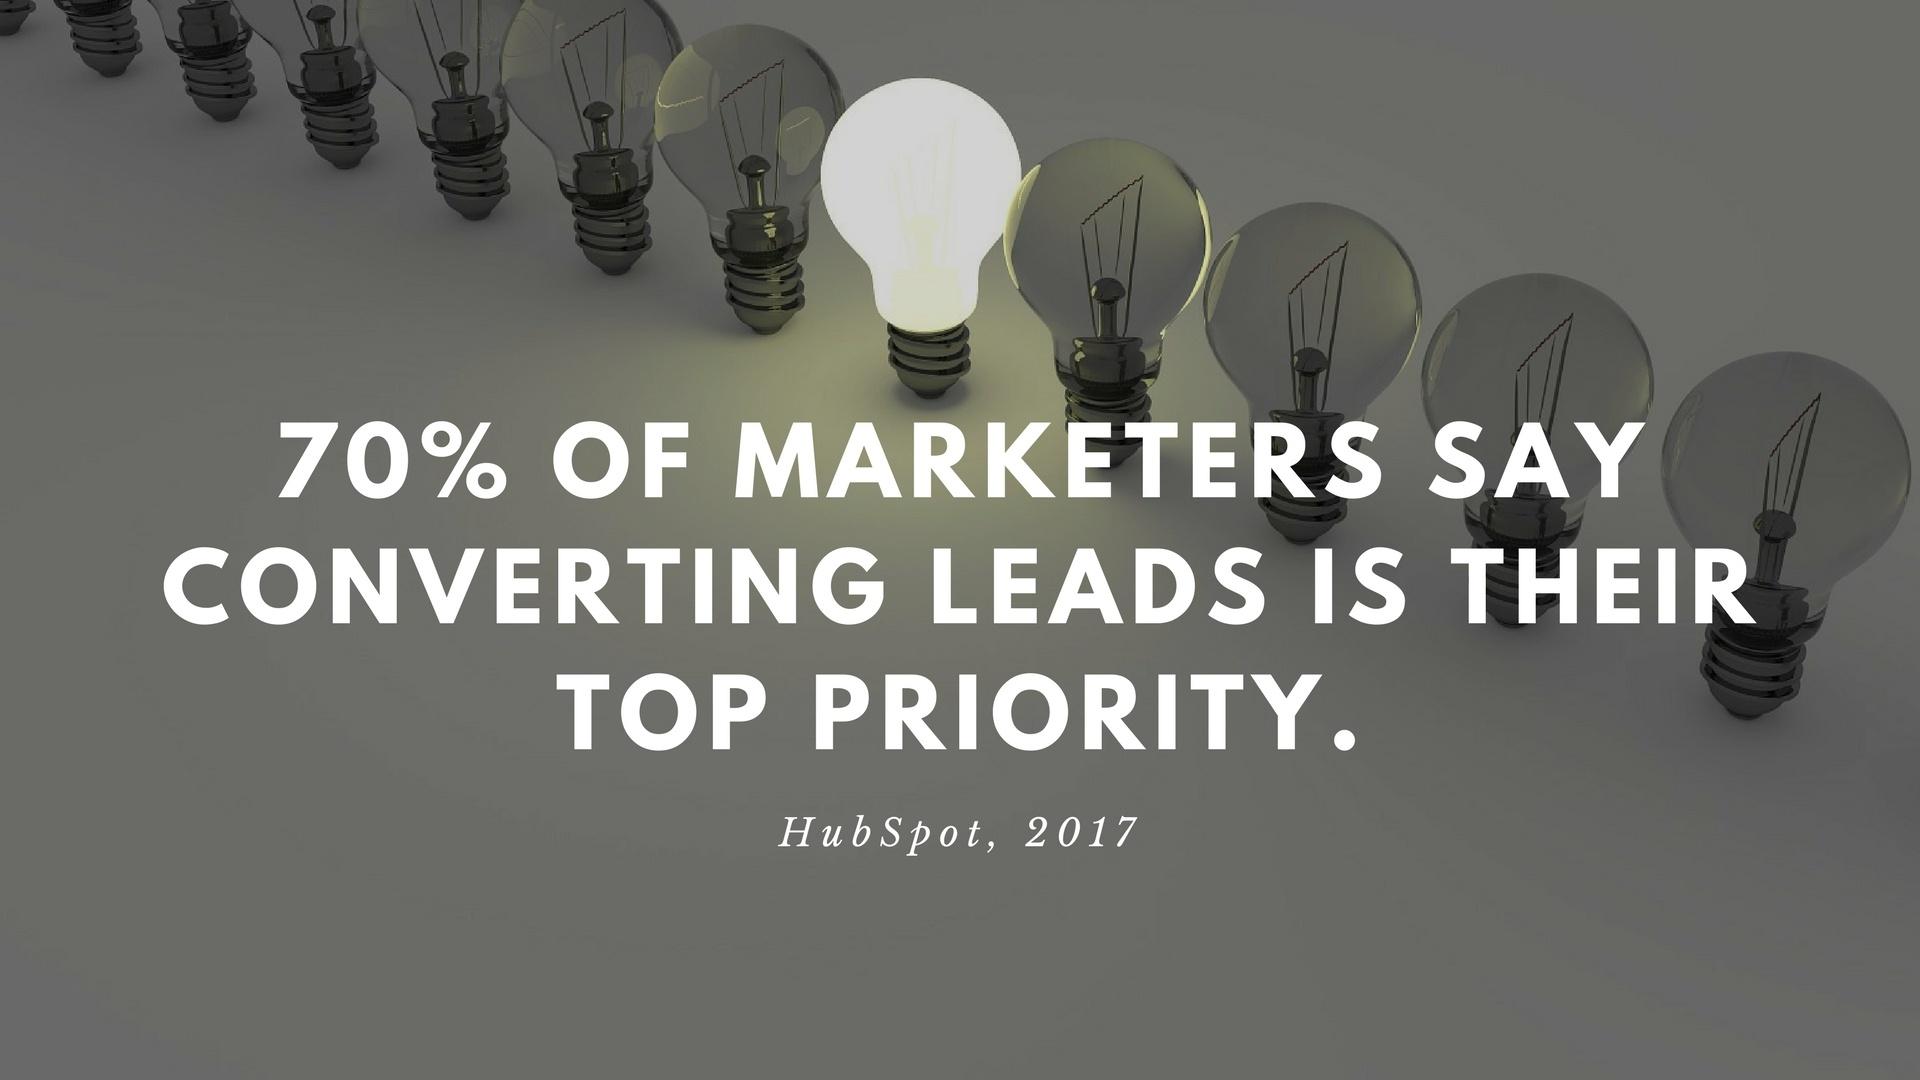 mehr_leads_marketer.jpg